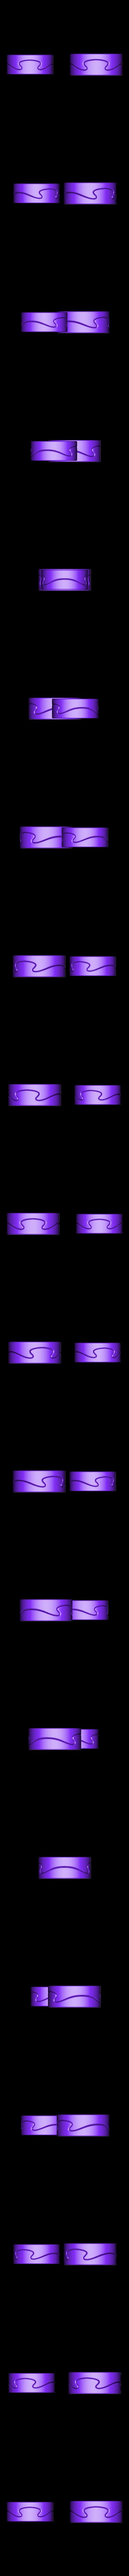 Ring_1.stl Télécharger fichier OBJ gratuit Modèle 3D des anneaux • Objet à imprimer en 3D, DavidG7